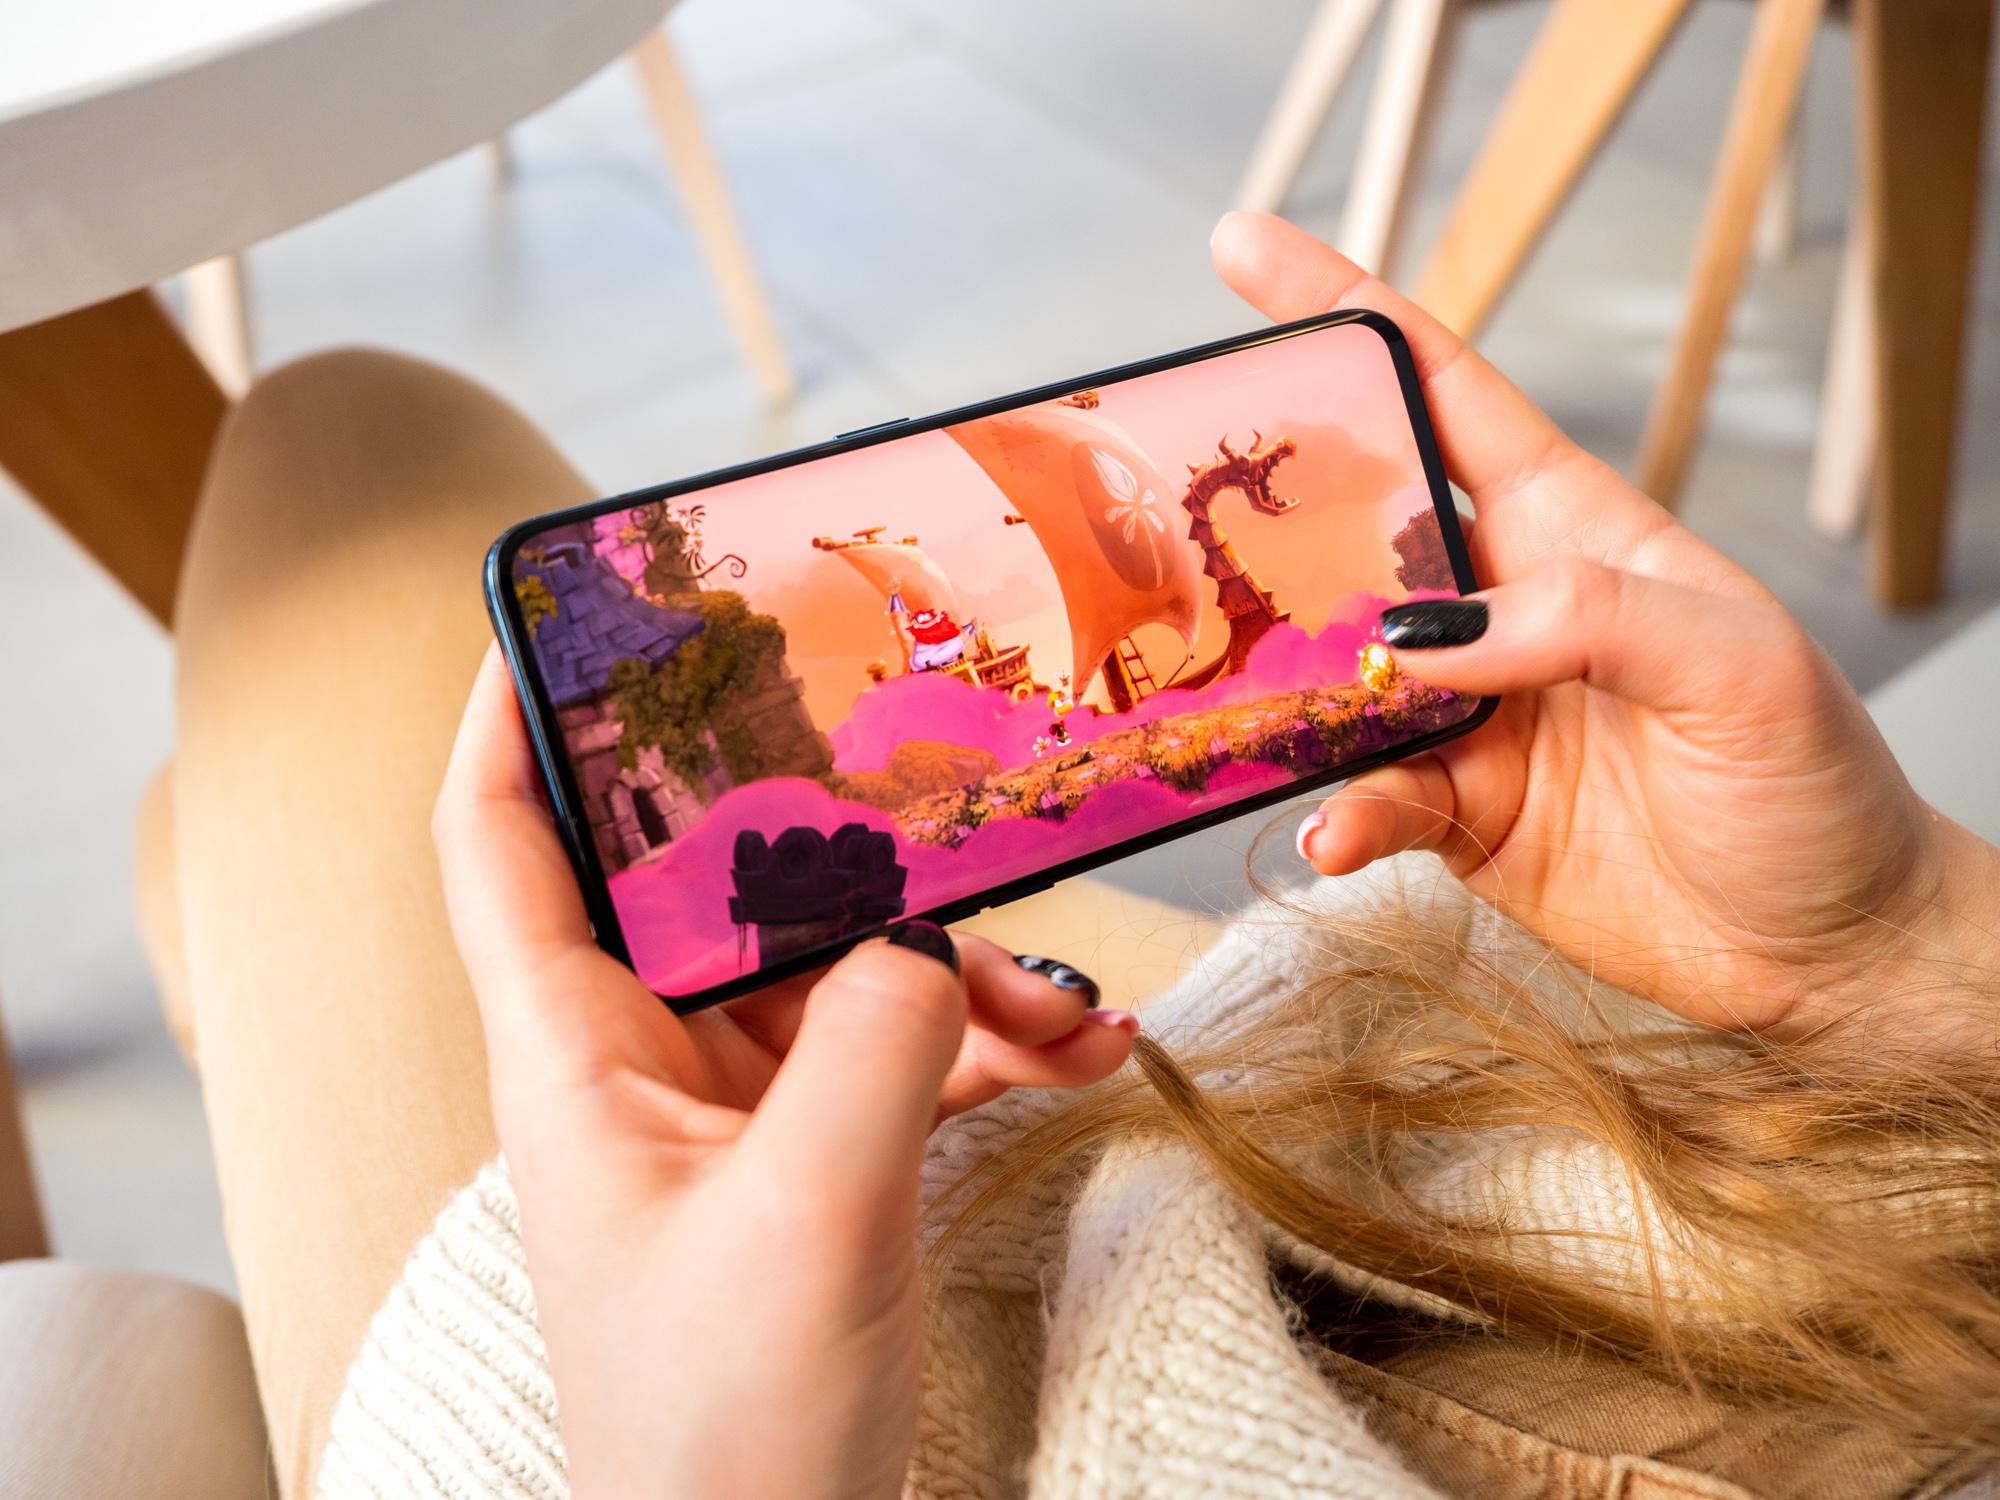 Ez bakarrik Pixelak.  Android 11 probatu dezakezu Oppo telefonoetan